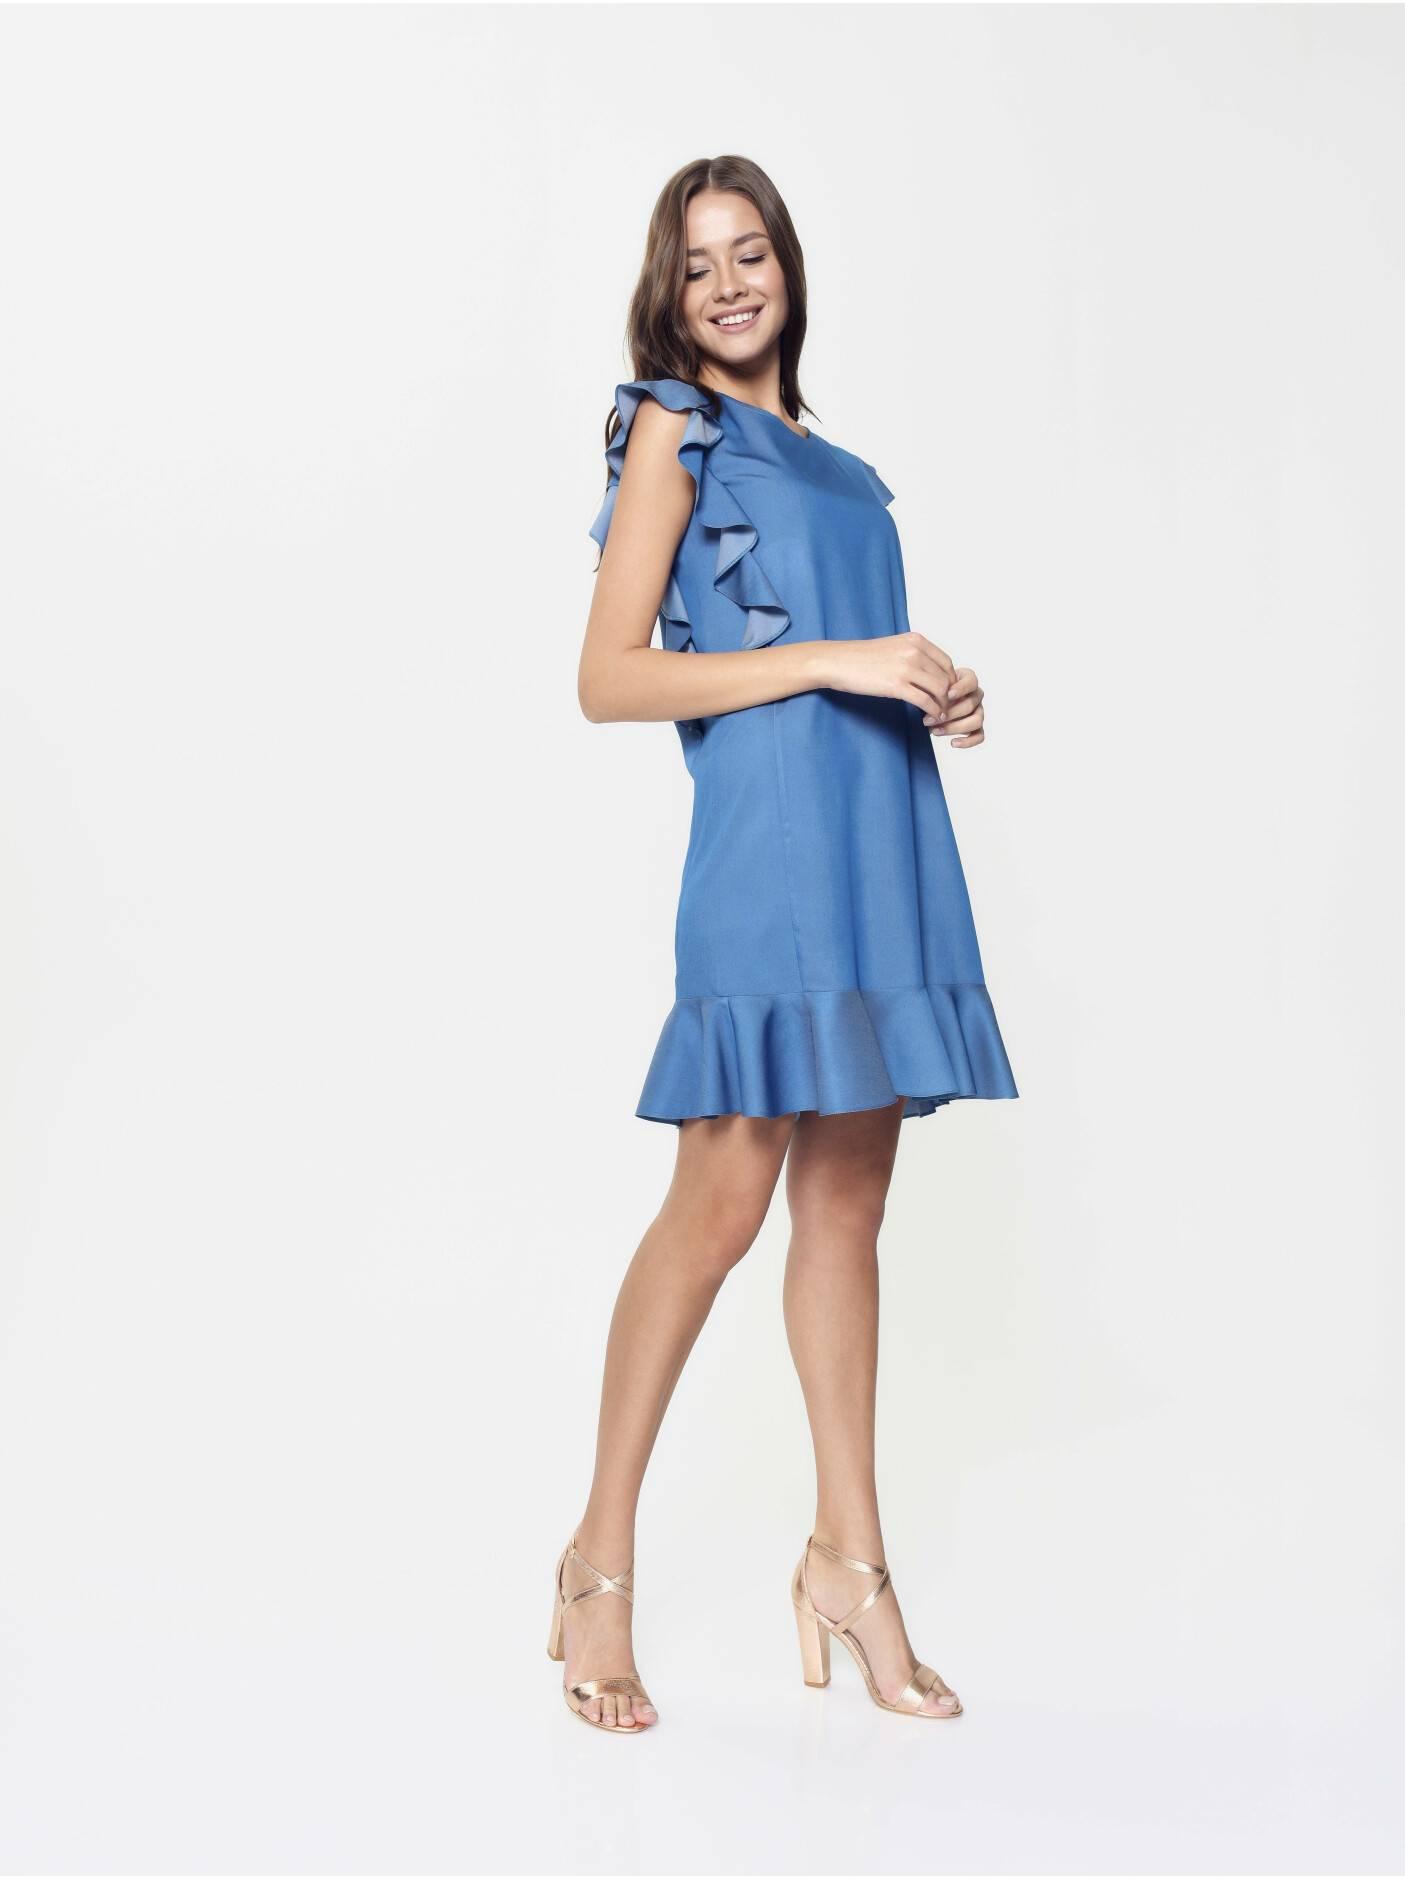 016681ece ... платье женское джинсовое платье а-силуэта с воланами LPL 905  18С-656ТСП, размер ...